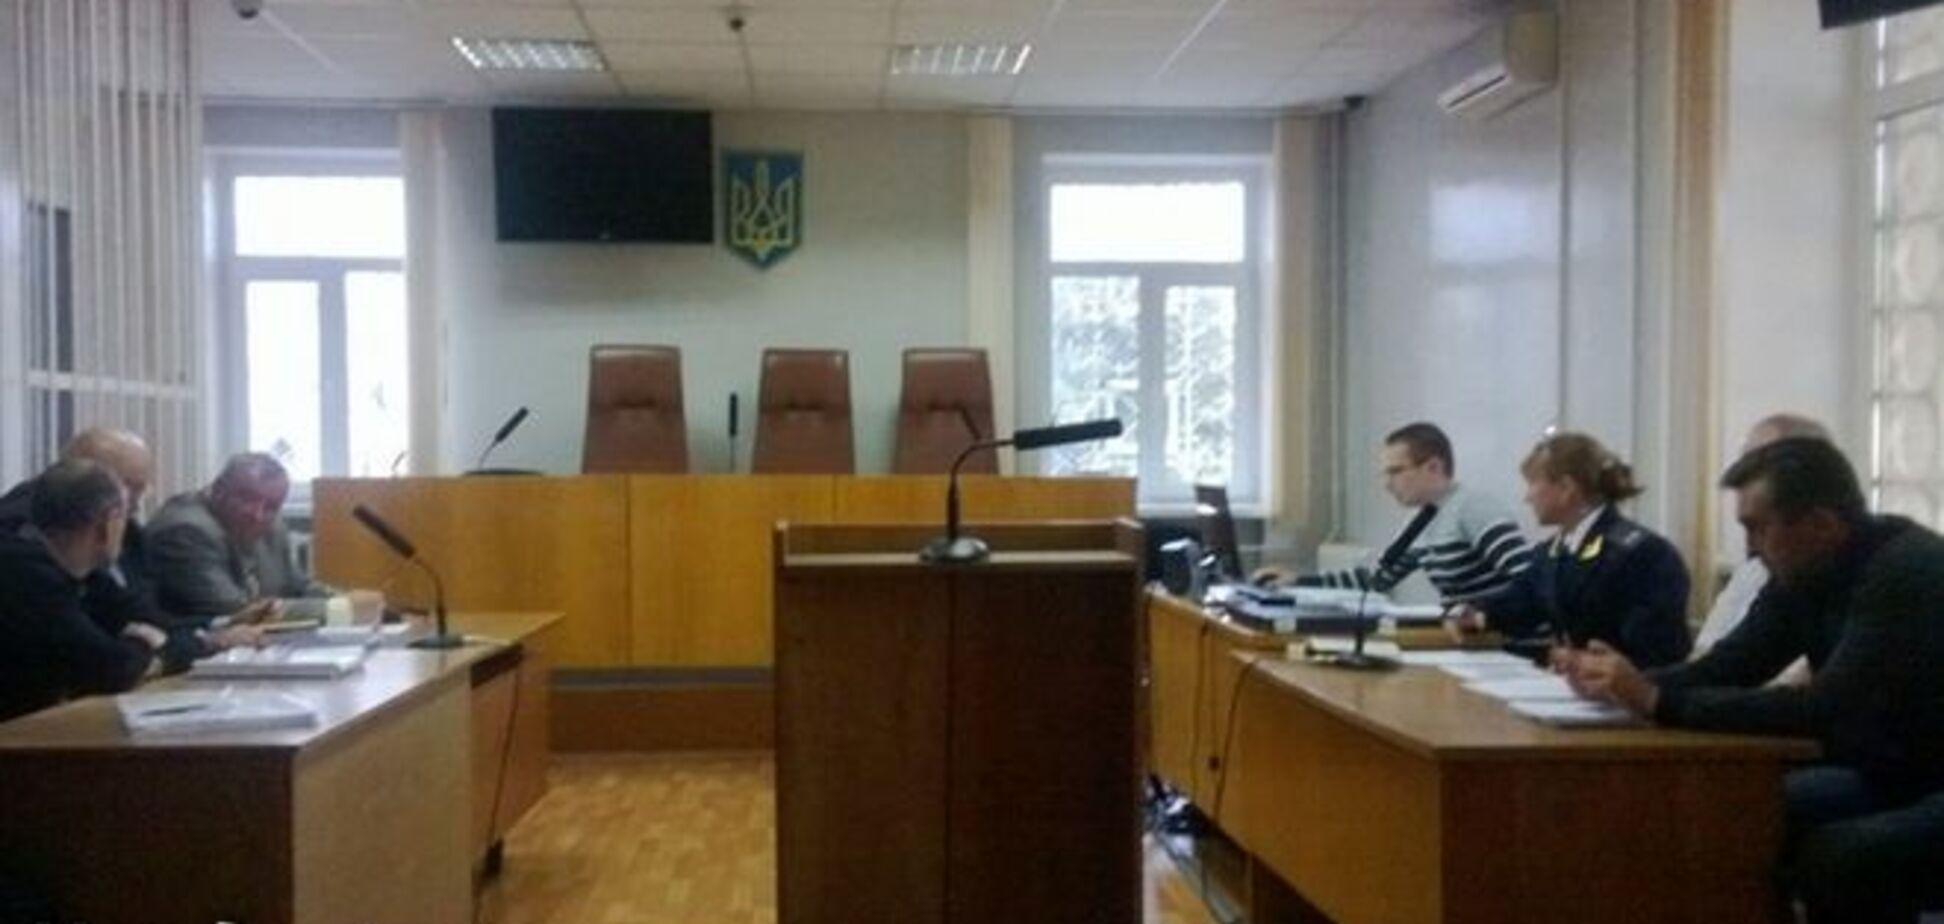 Вердикт по 'Врадіївський справі' буде оголошено в Первомайську